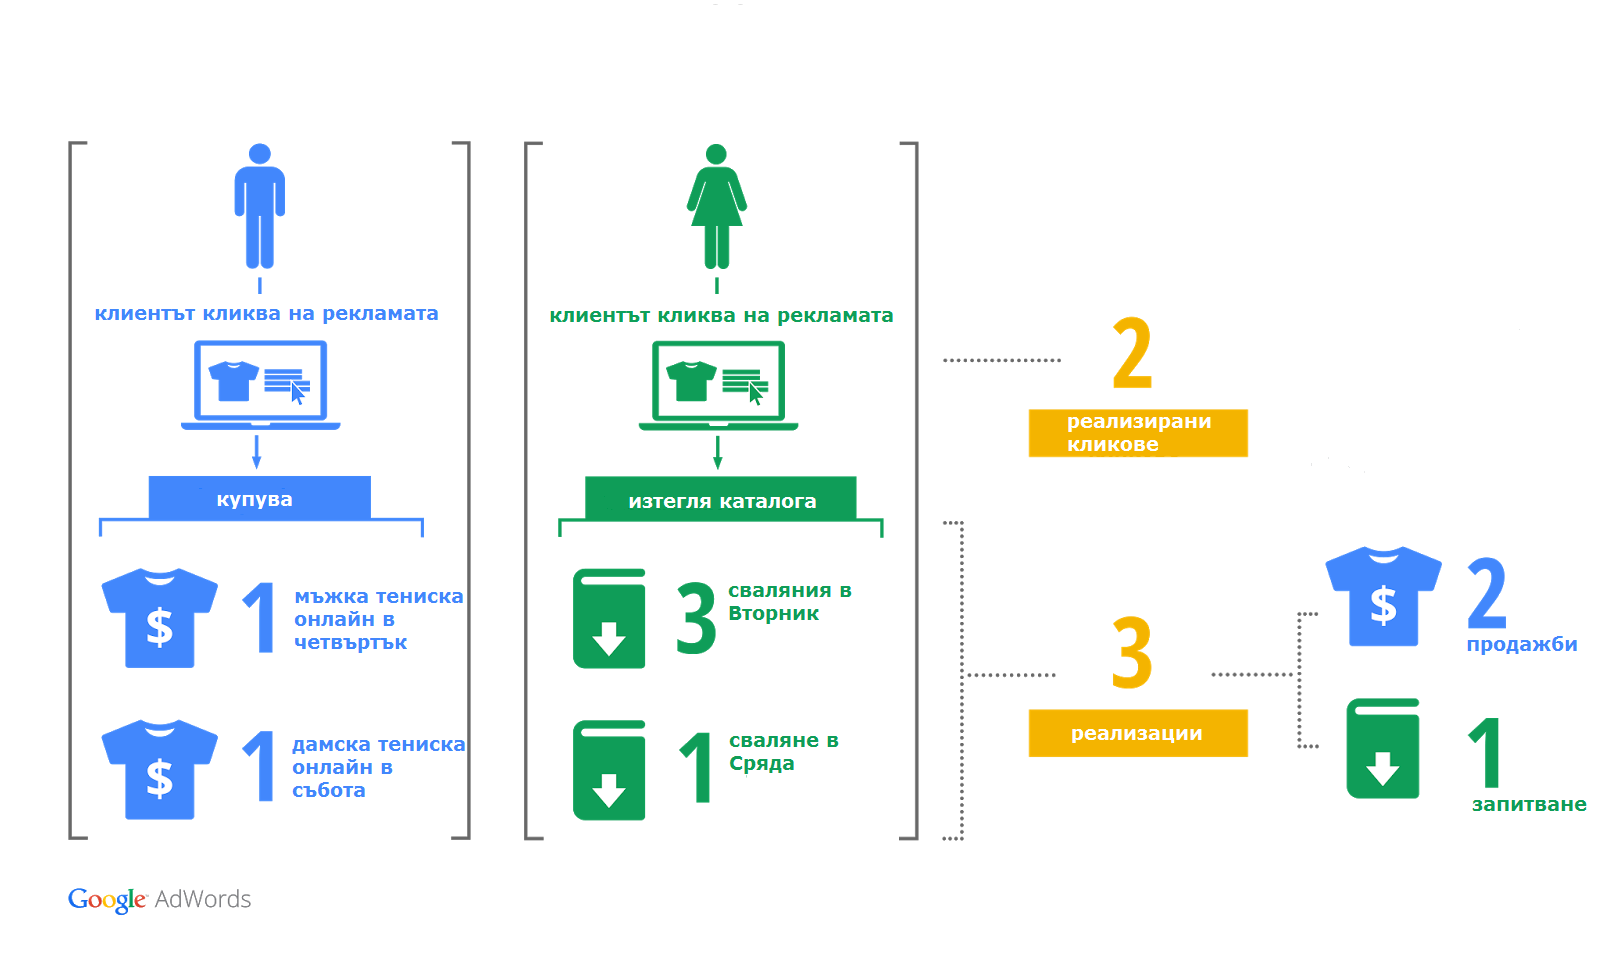 Ανάπτυξη, διαχείριση και πωλήσεις ενός διαδικτυακού καταστήματος